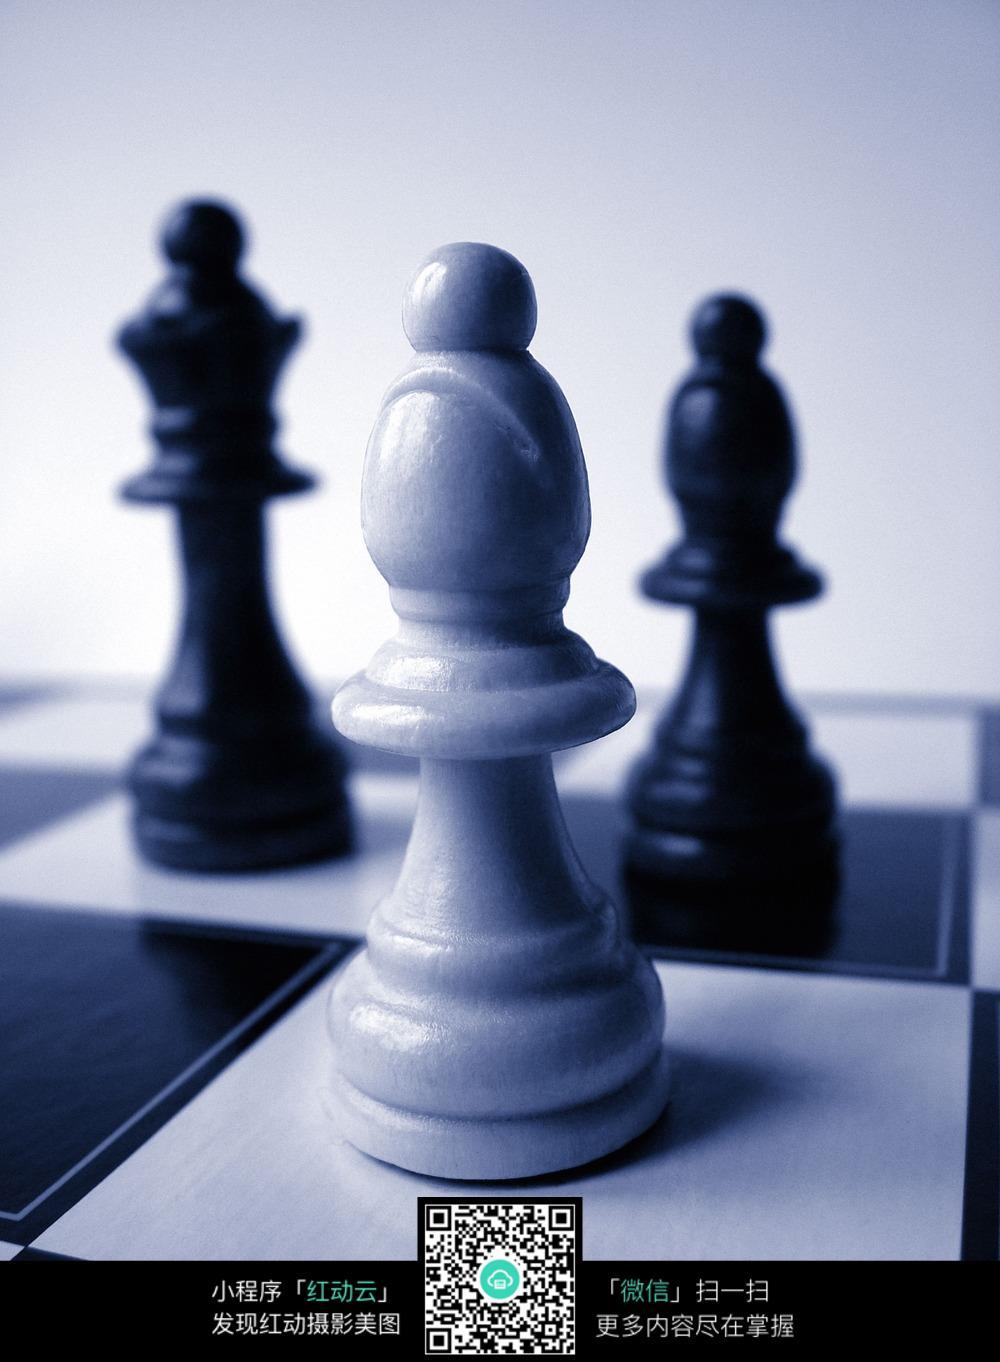 国际象棋棋子高清图片